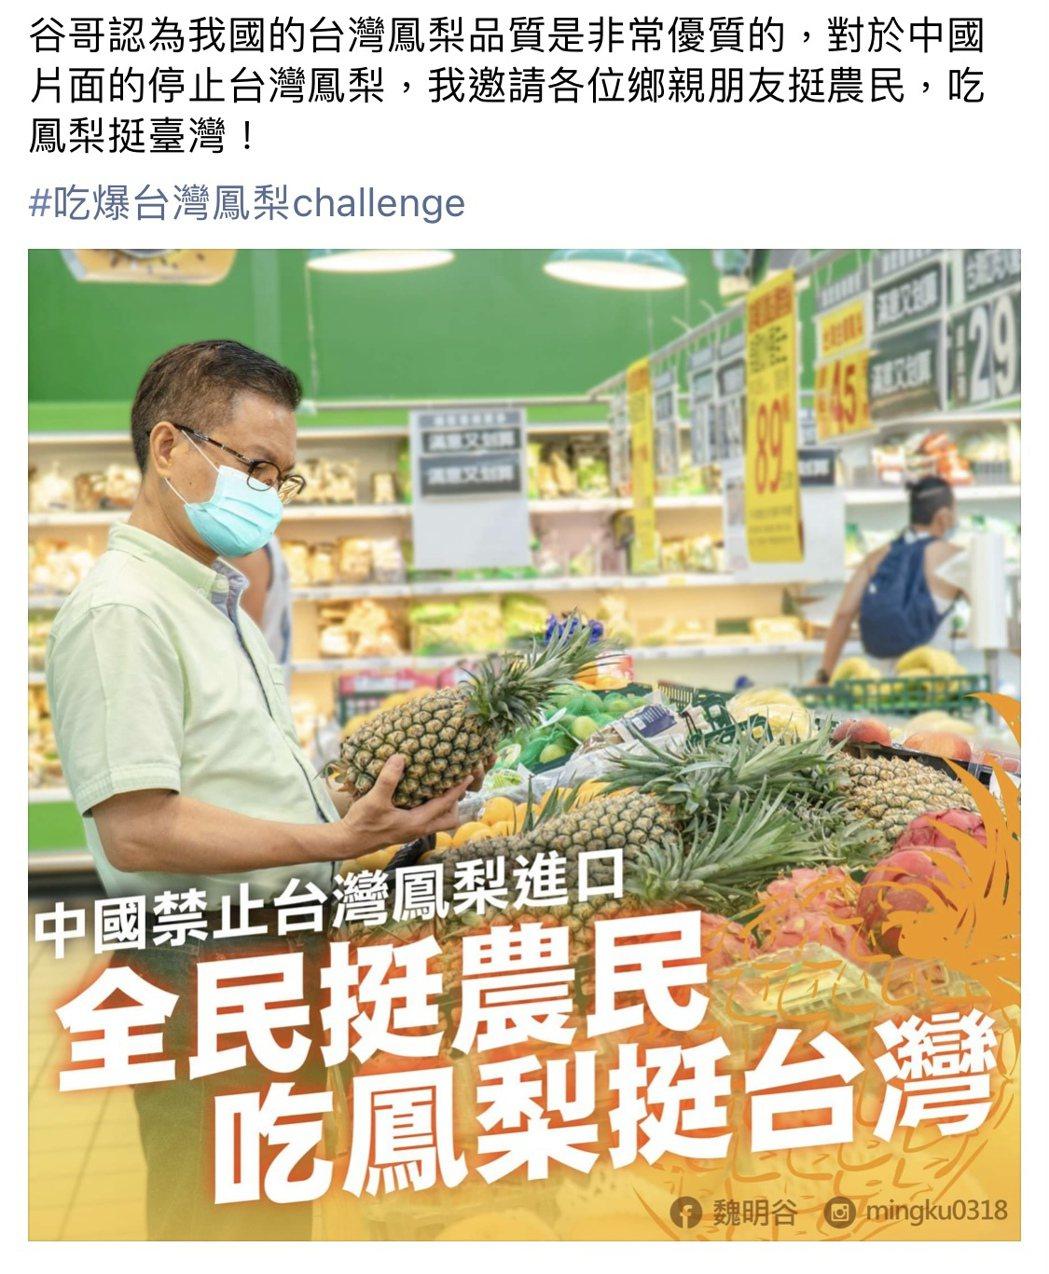 中國無預警的片面暫停台灣鳳梨輸入,讓鳳梨農心慌慌,前彰化縣長魏明谷也在臉書呼籲大...